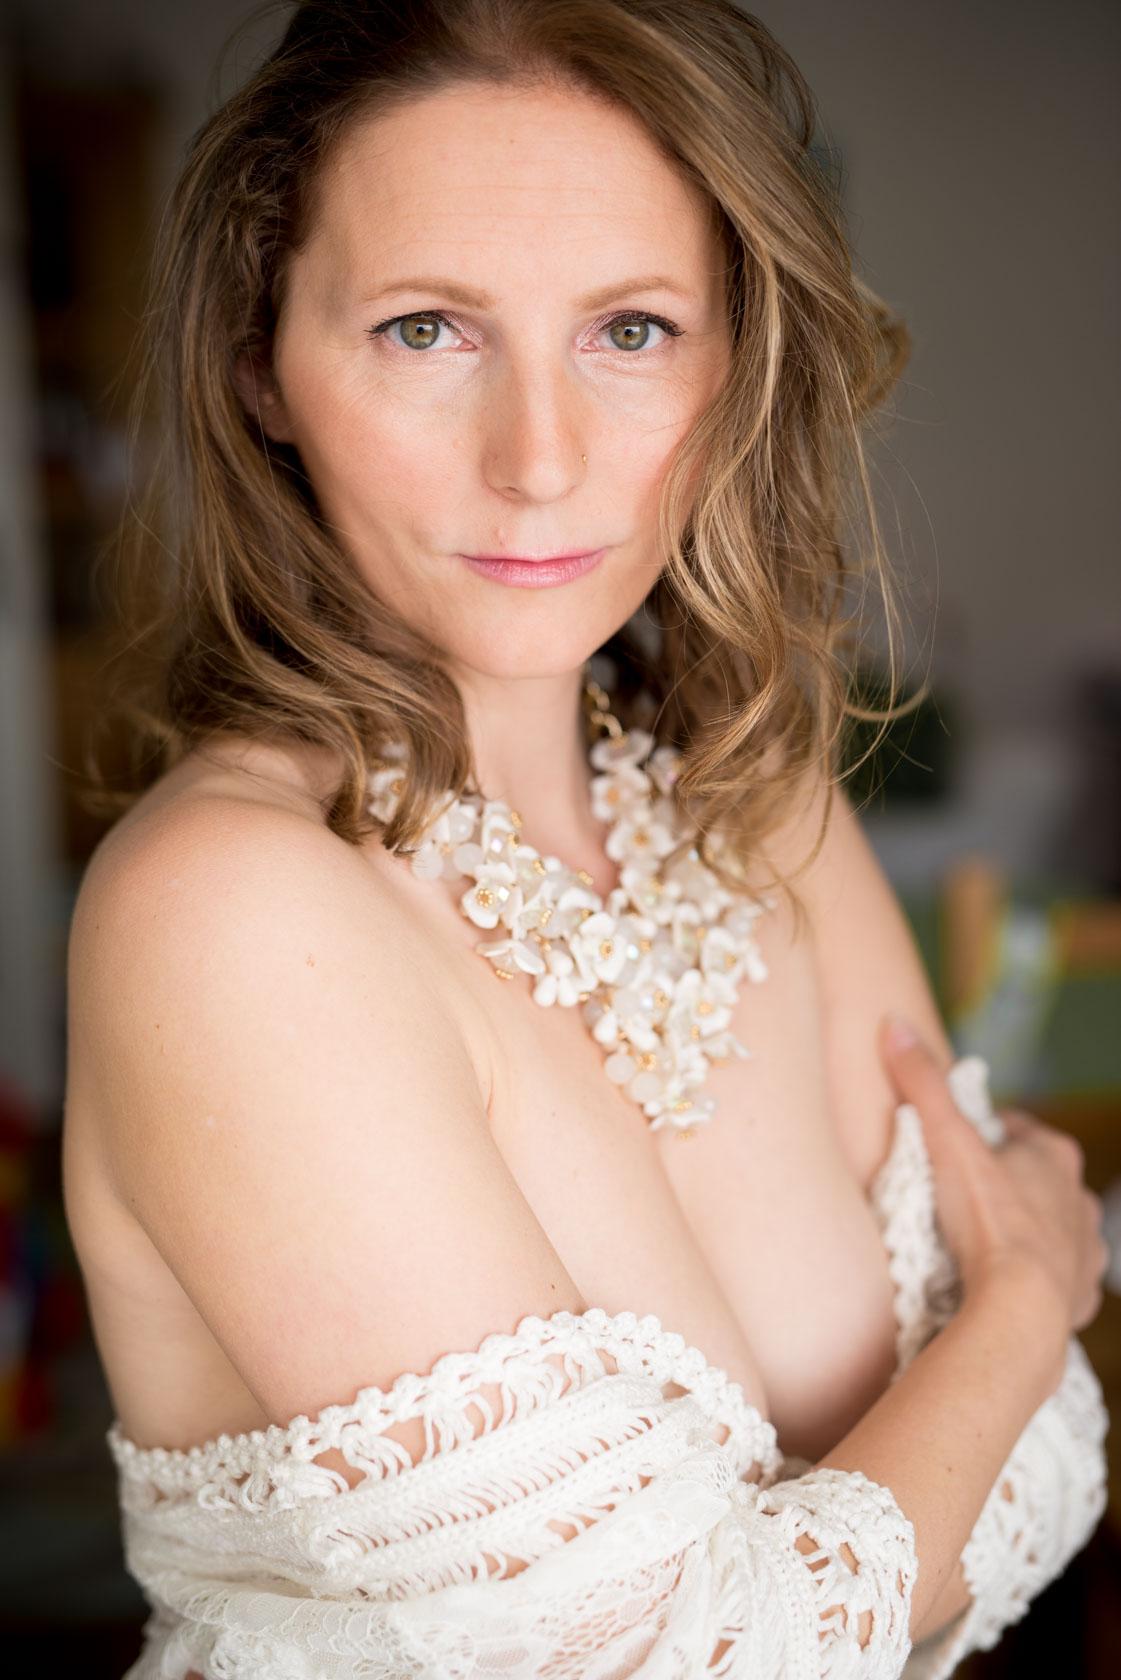 https://www.stefanhill.net/wp-content/uploads/2017/06/Sinnliches-Boudoir-Fotoshooting-mit-Barbara-in-Stuttgart_0017.jpg